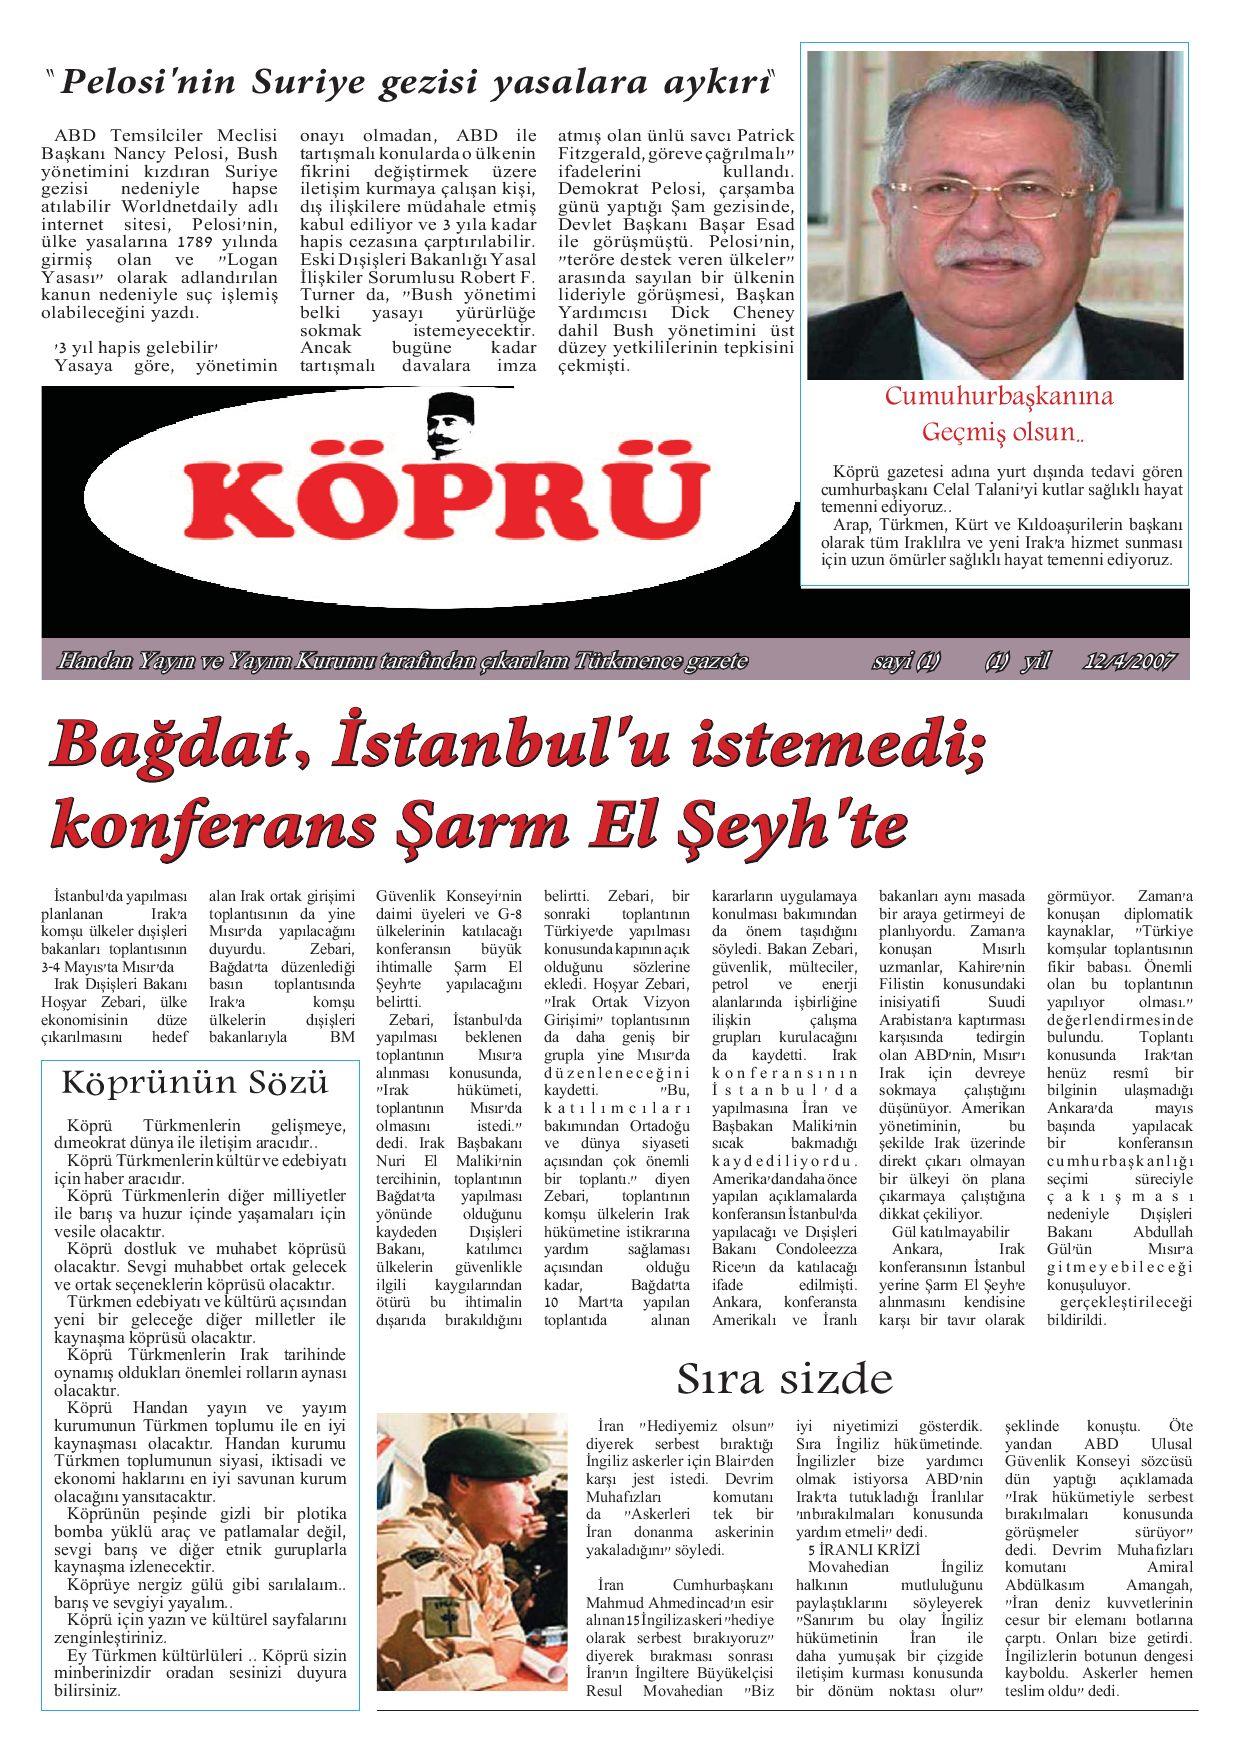 Irak Dışişleri Bakanından Türkiye yorumu: Bütün seçenekler önümüzde 74